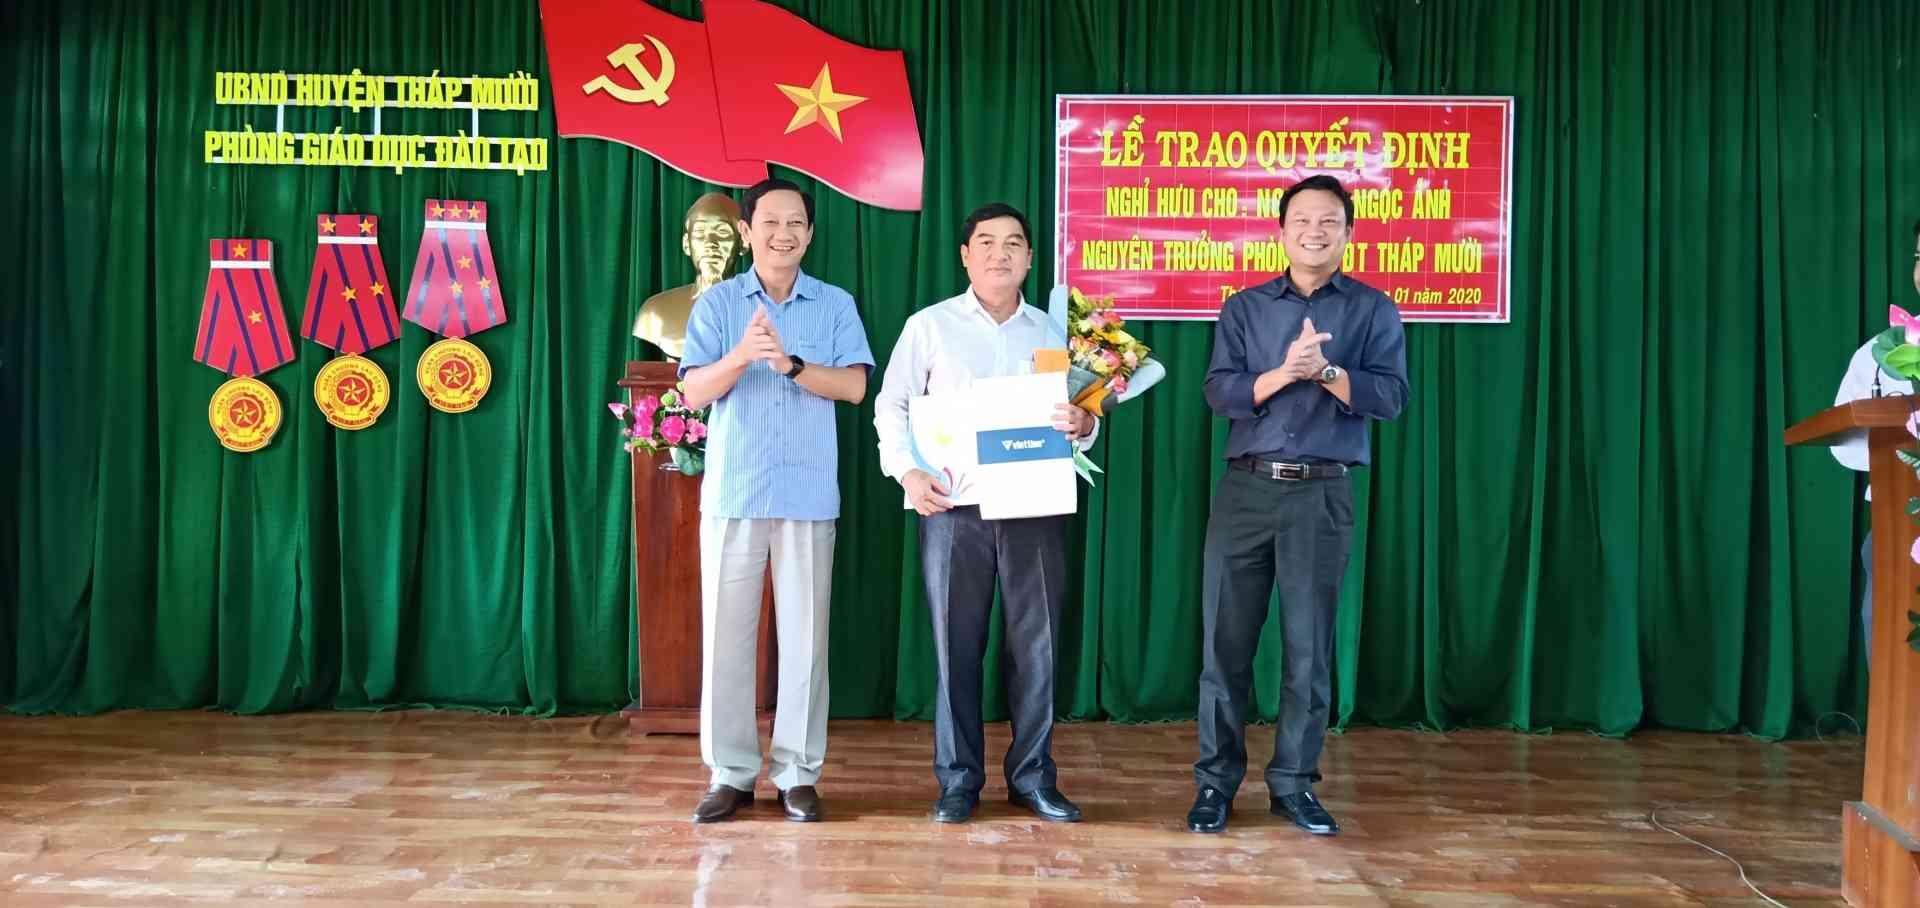 UBND Huyện trao Quyết định và tặng hoa